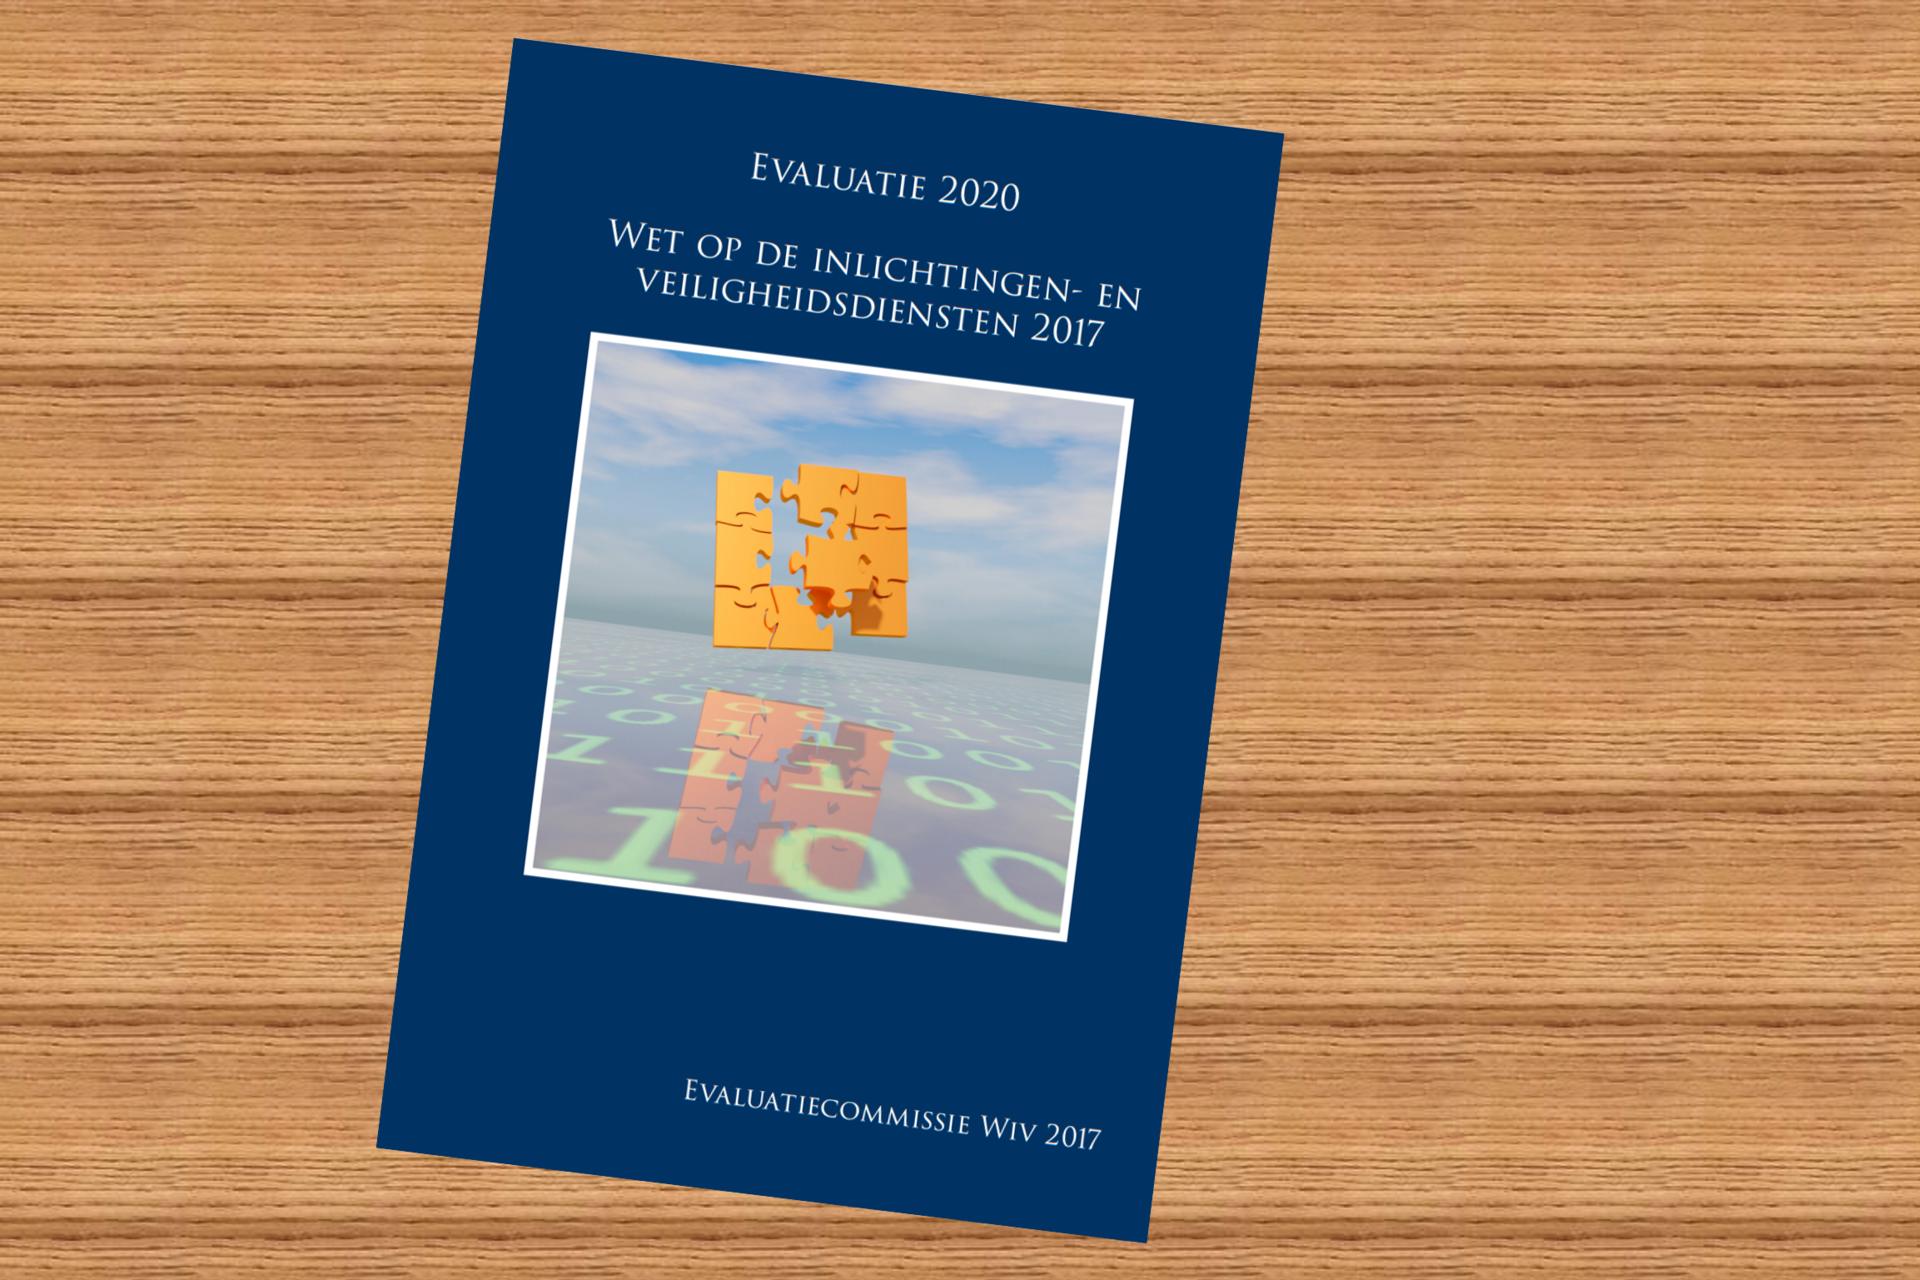 Rapport Evaluatie 2020 WIV 2017